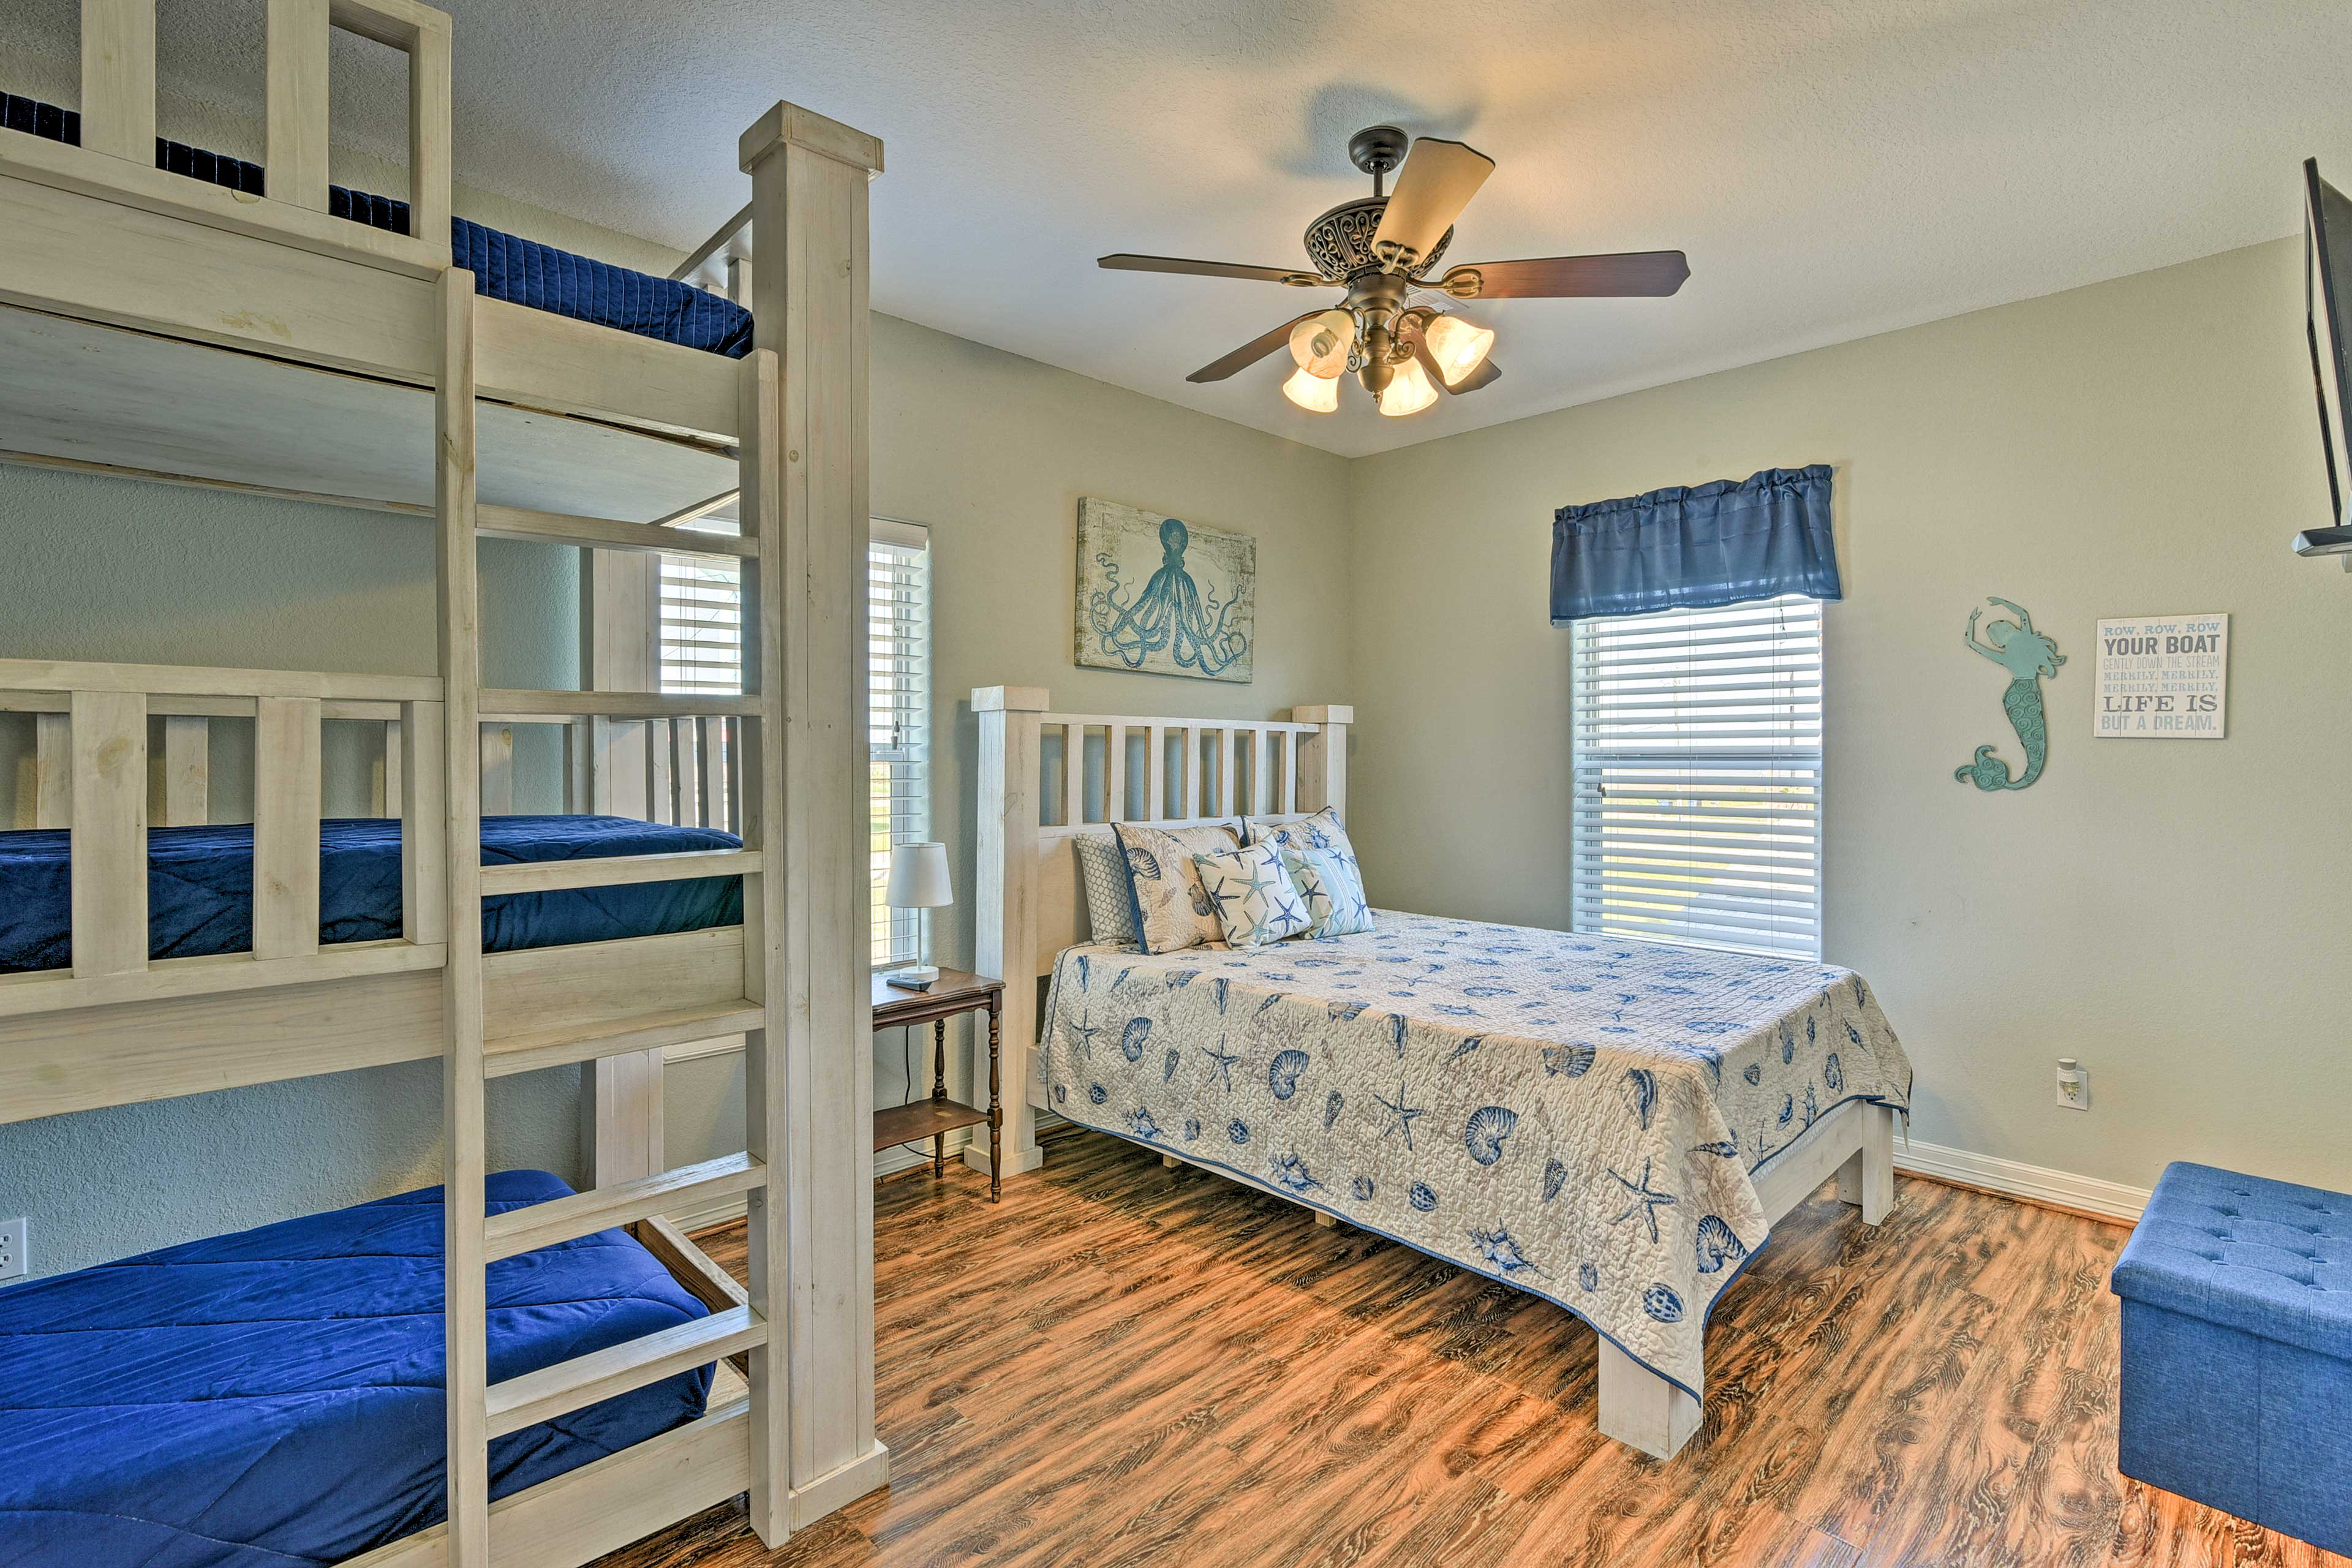 Bedroom 1 | Queen Bed, Twin/Twin/Twin Bunk Bed